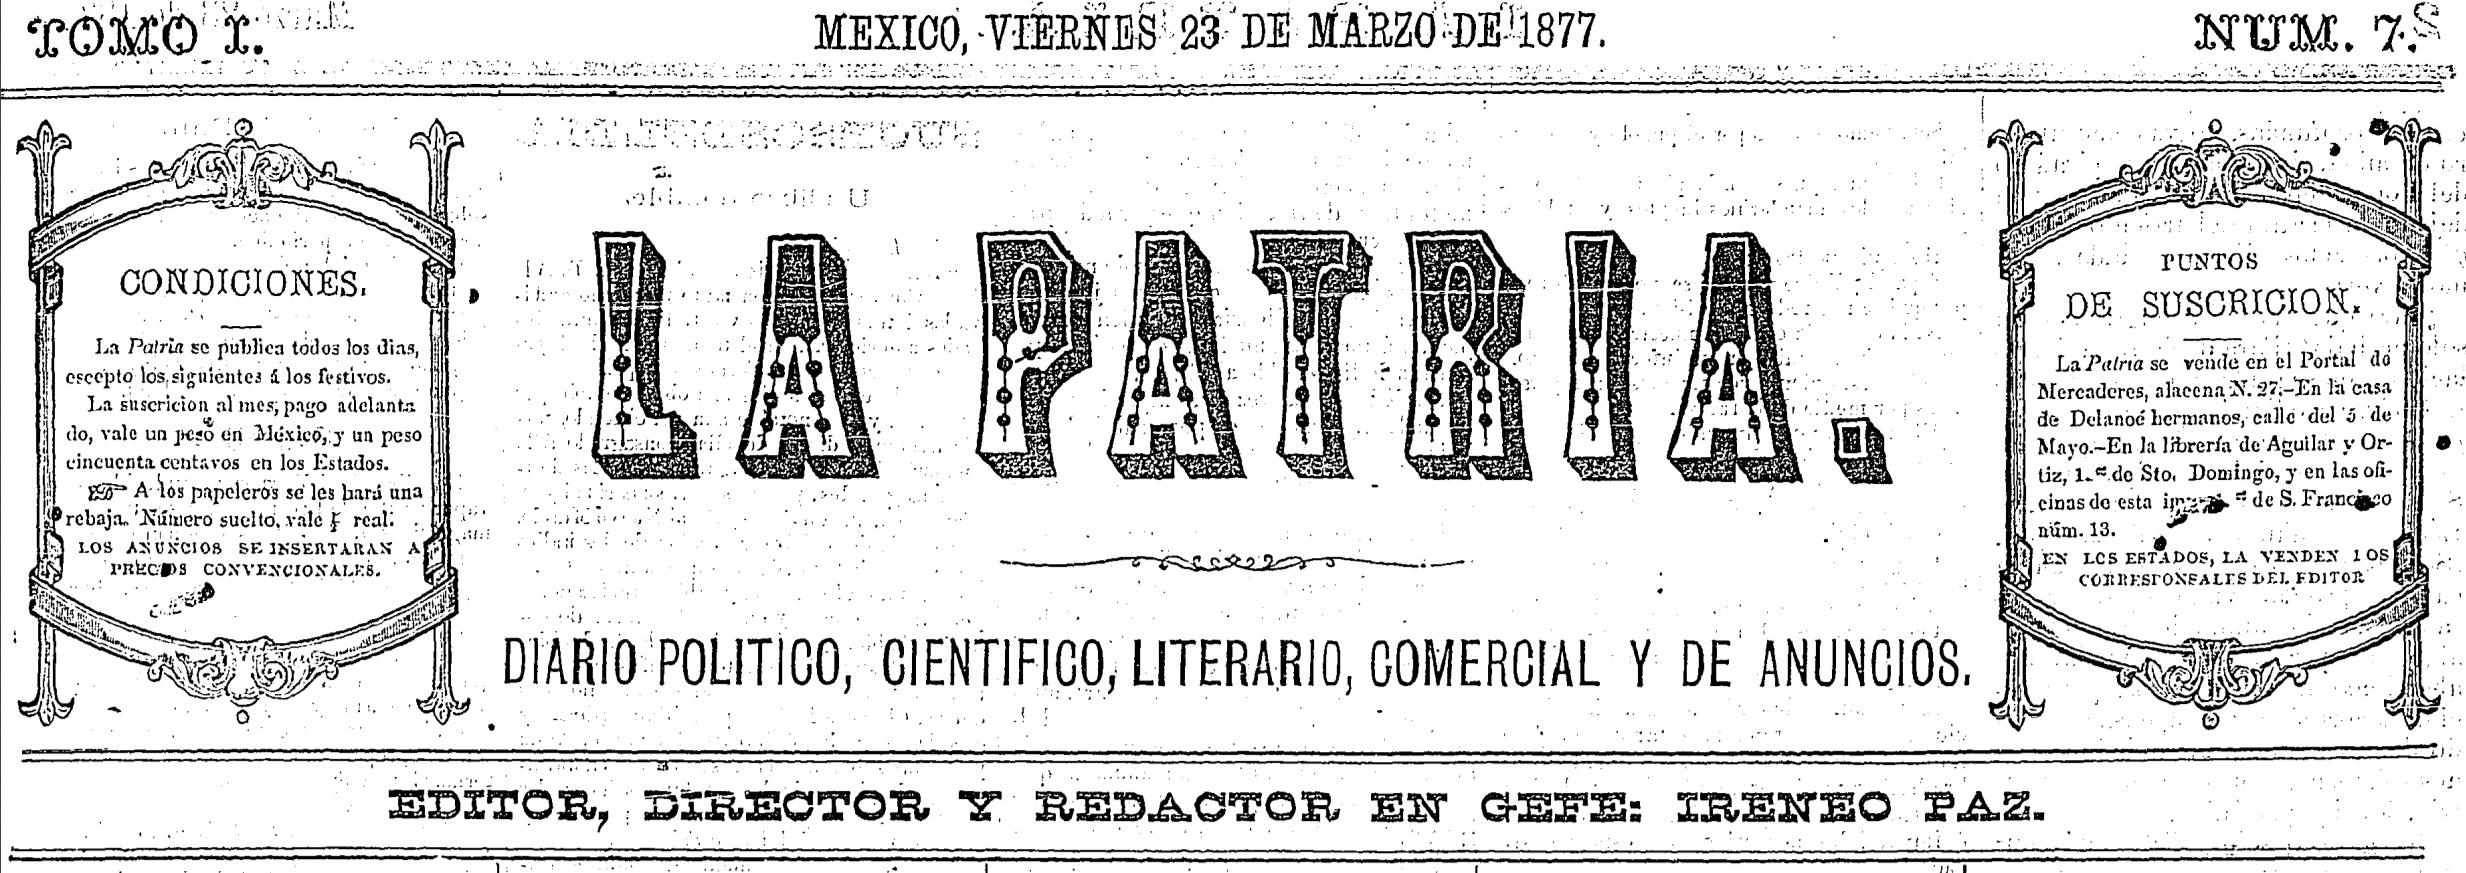 Obras completas de Ireneo Paz. Parte III: Obra periodística